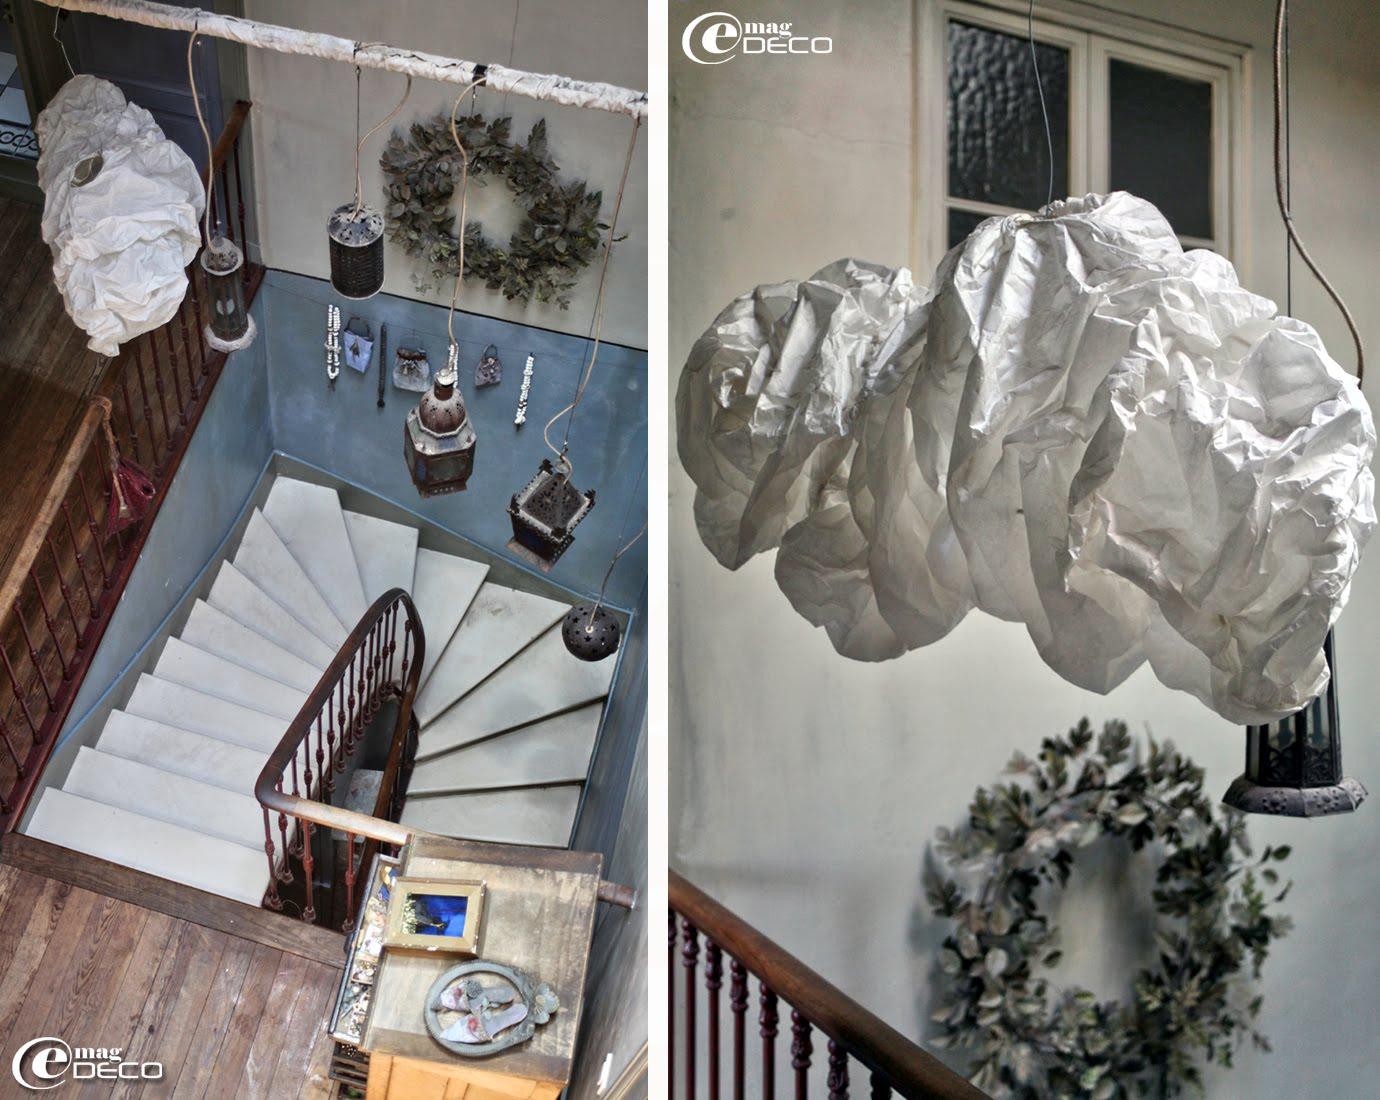 Un nuage en papier suspendu dans le vide de la cage d'escalier, chez Miss Clara